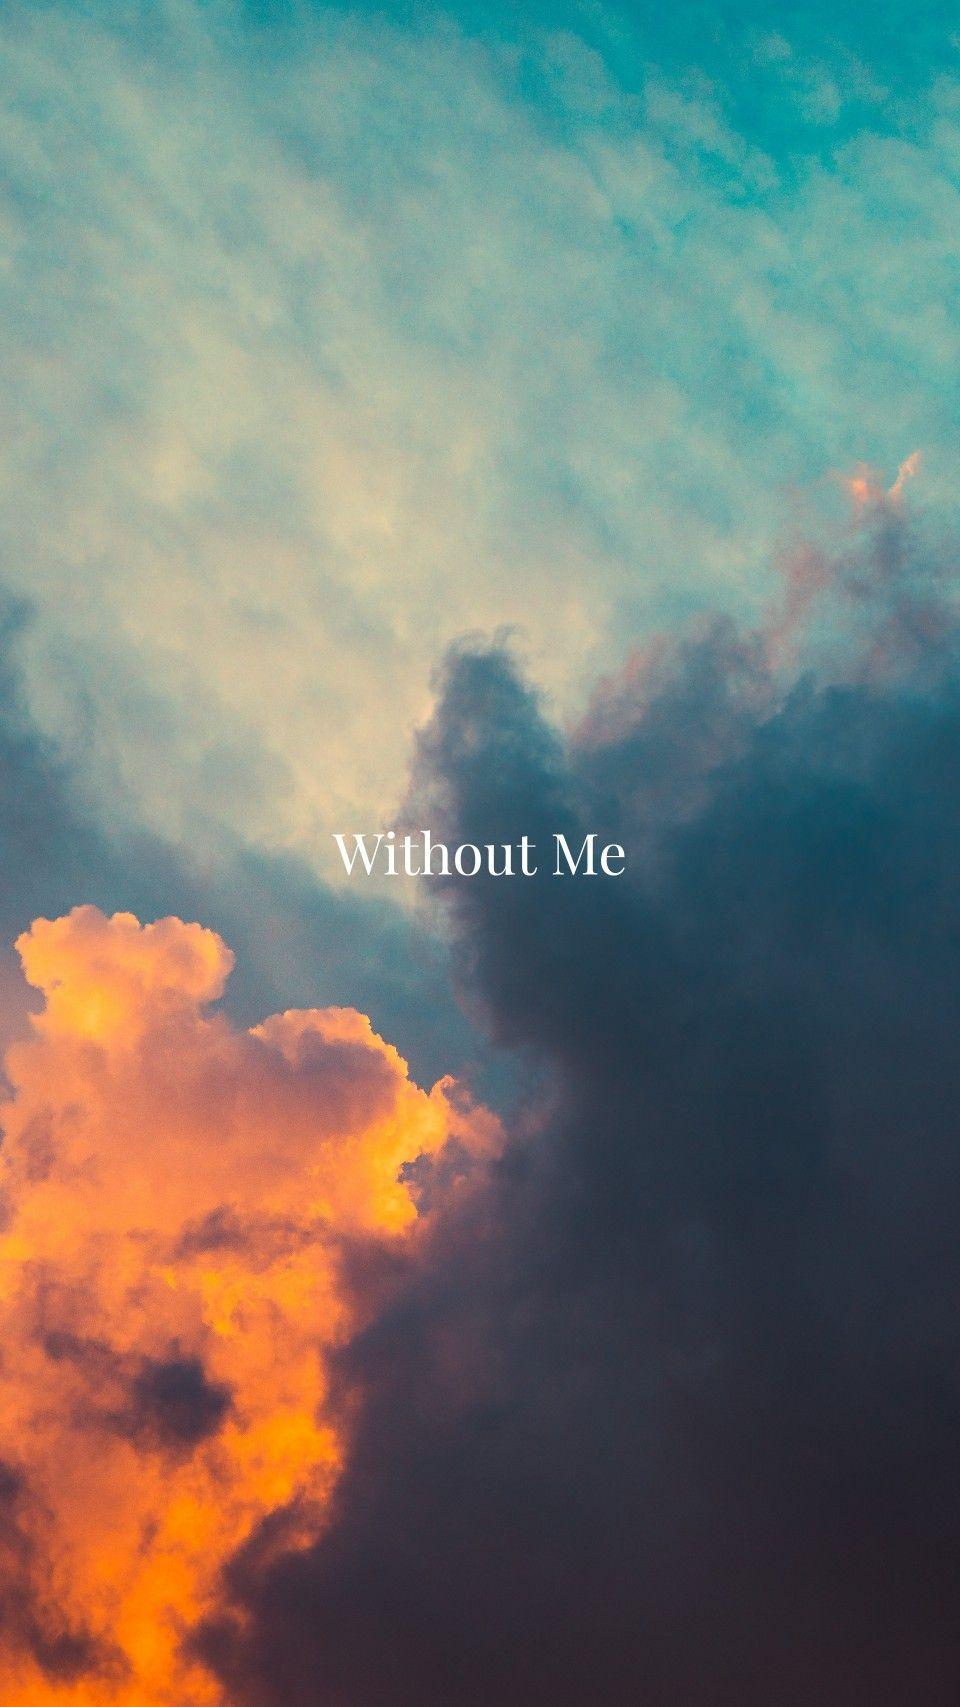 Without Me wallpaper   Halsey lyrics, Halsey quotes, Song lyrics ...